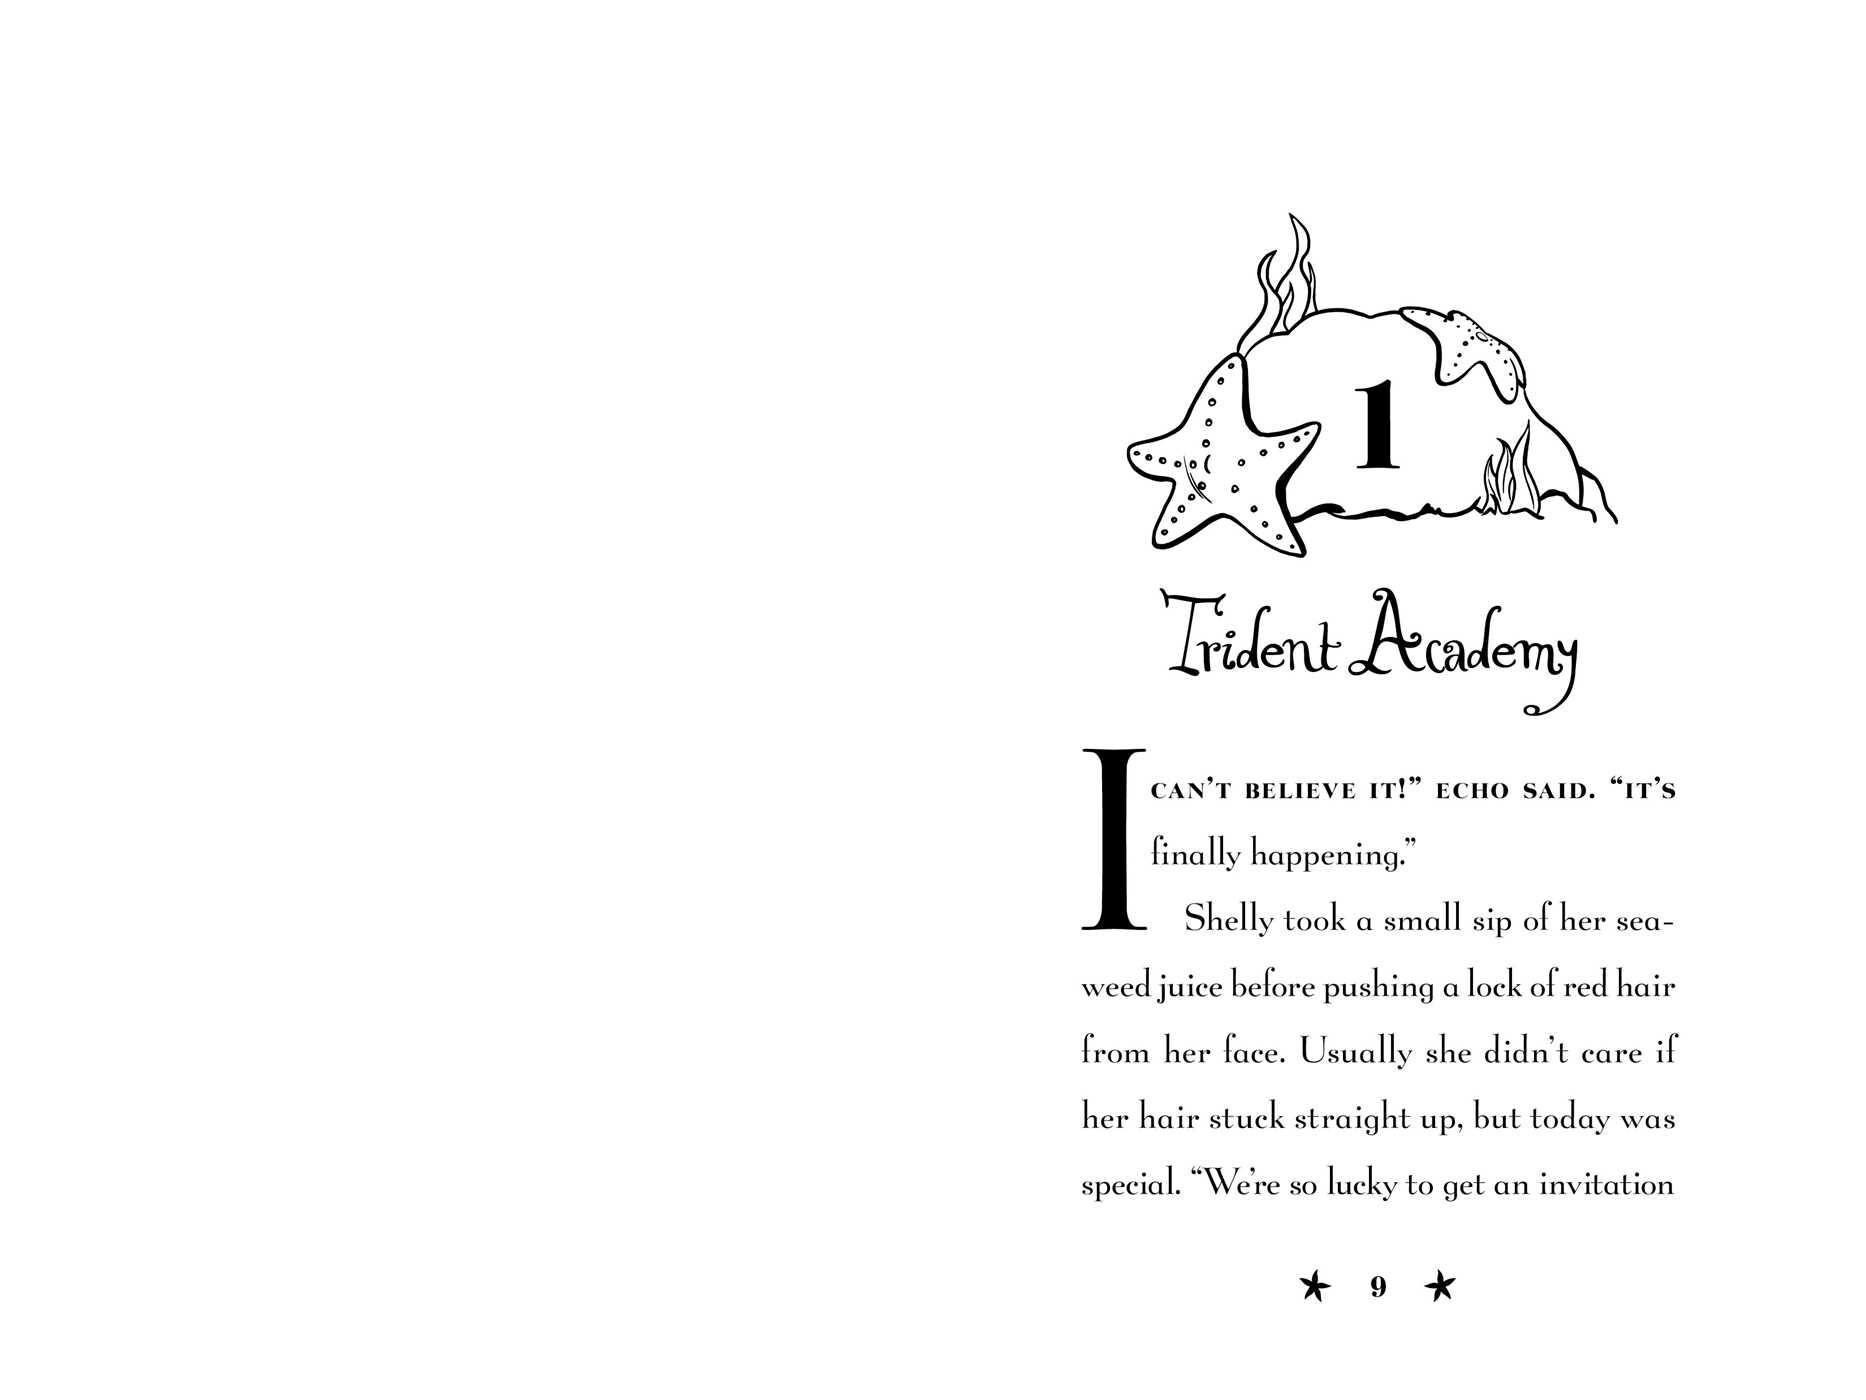 Mermaid tales 3 books in 1 9781481485555.in02